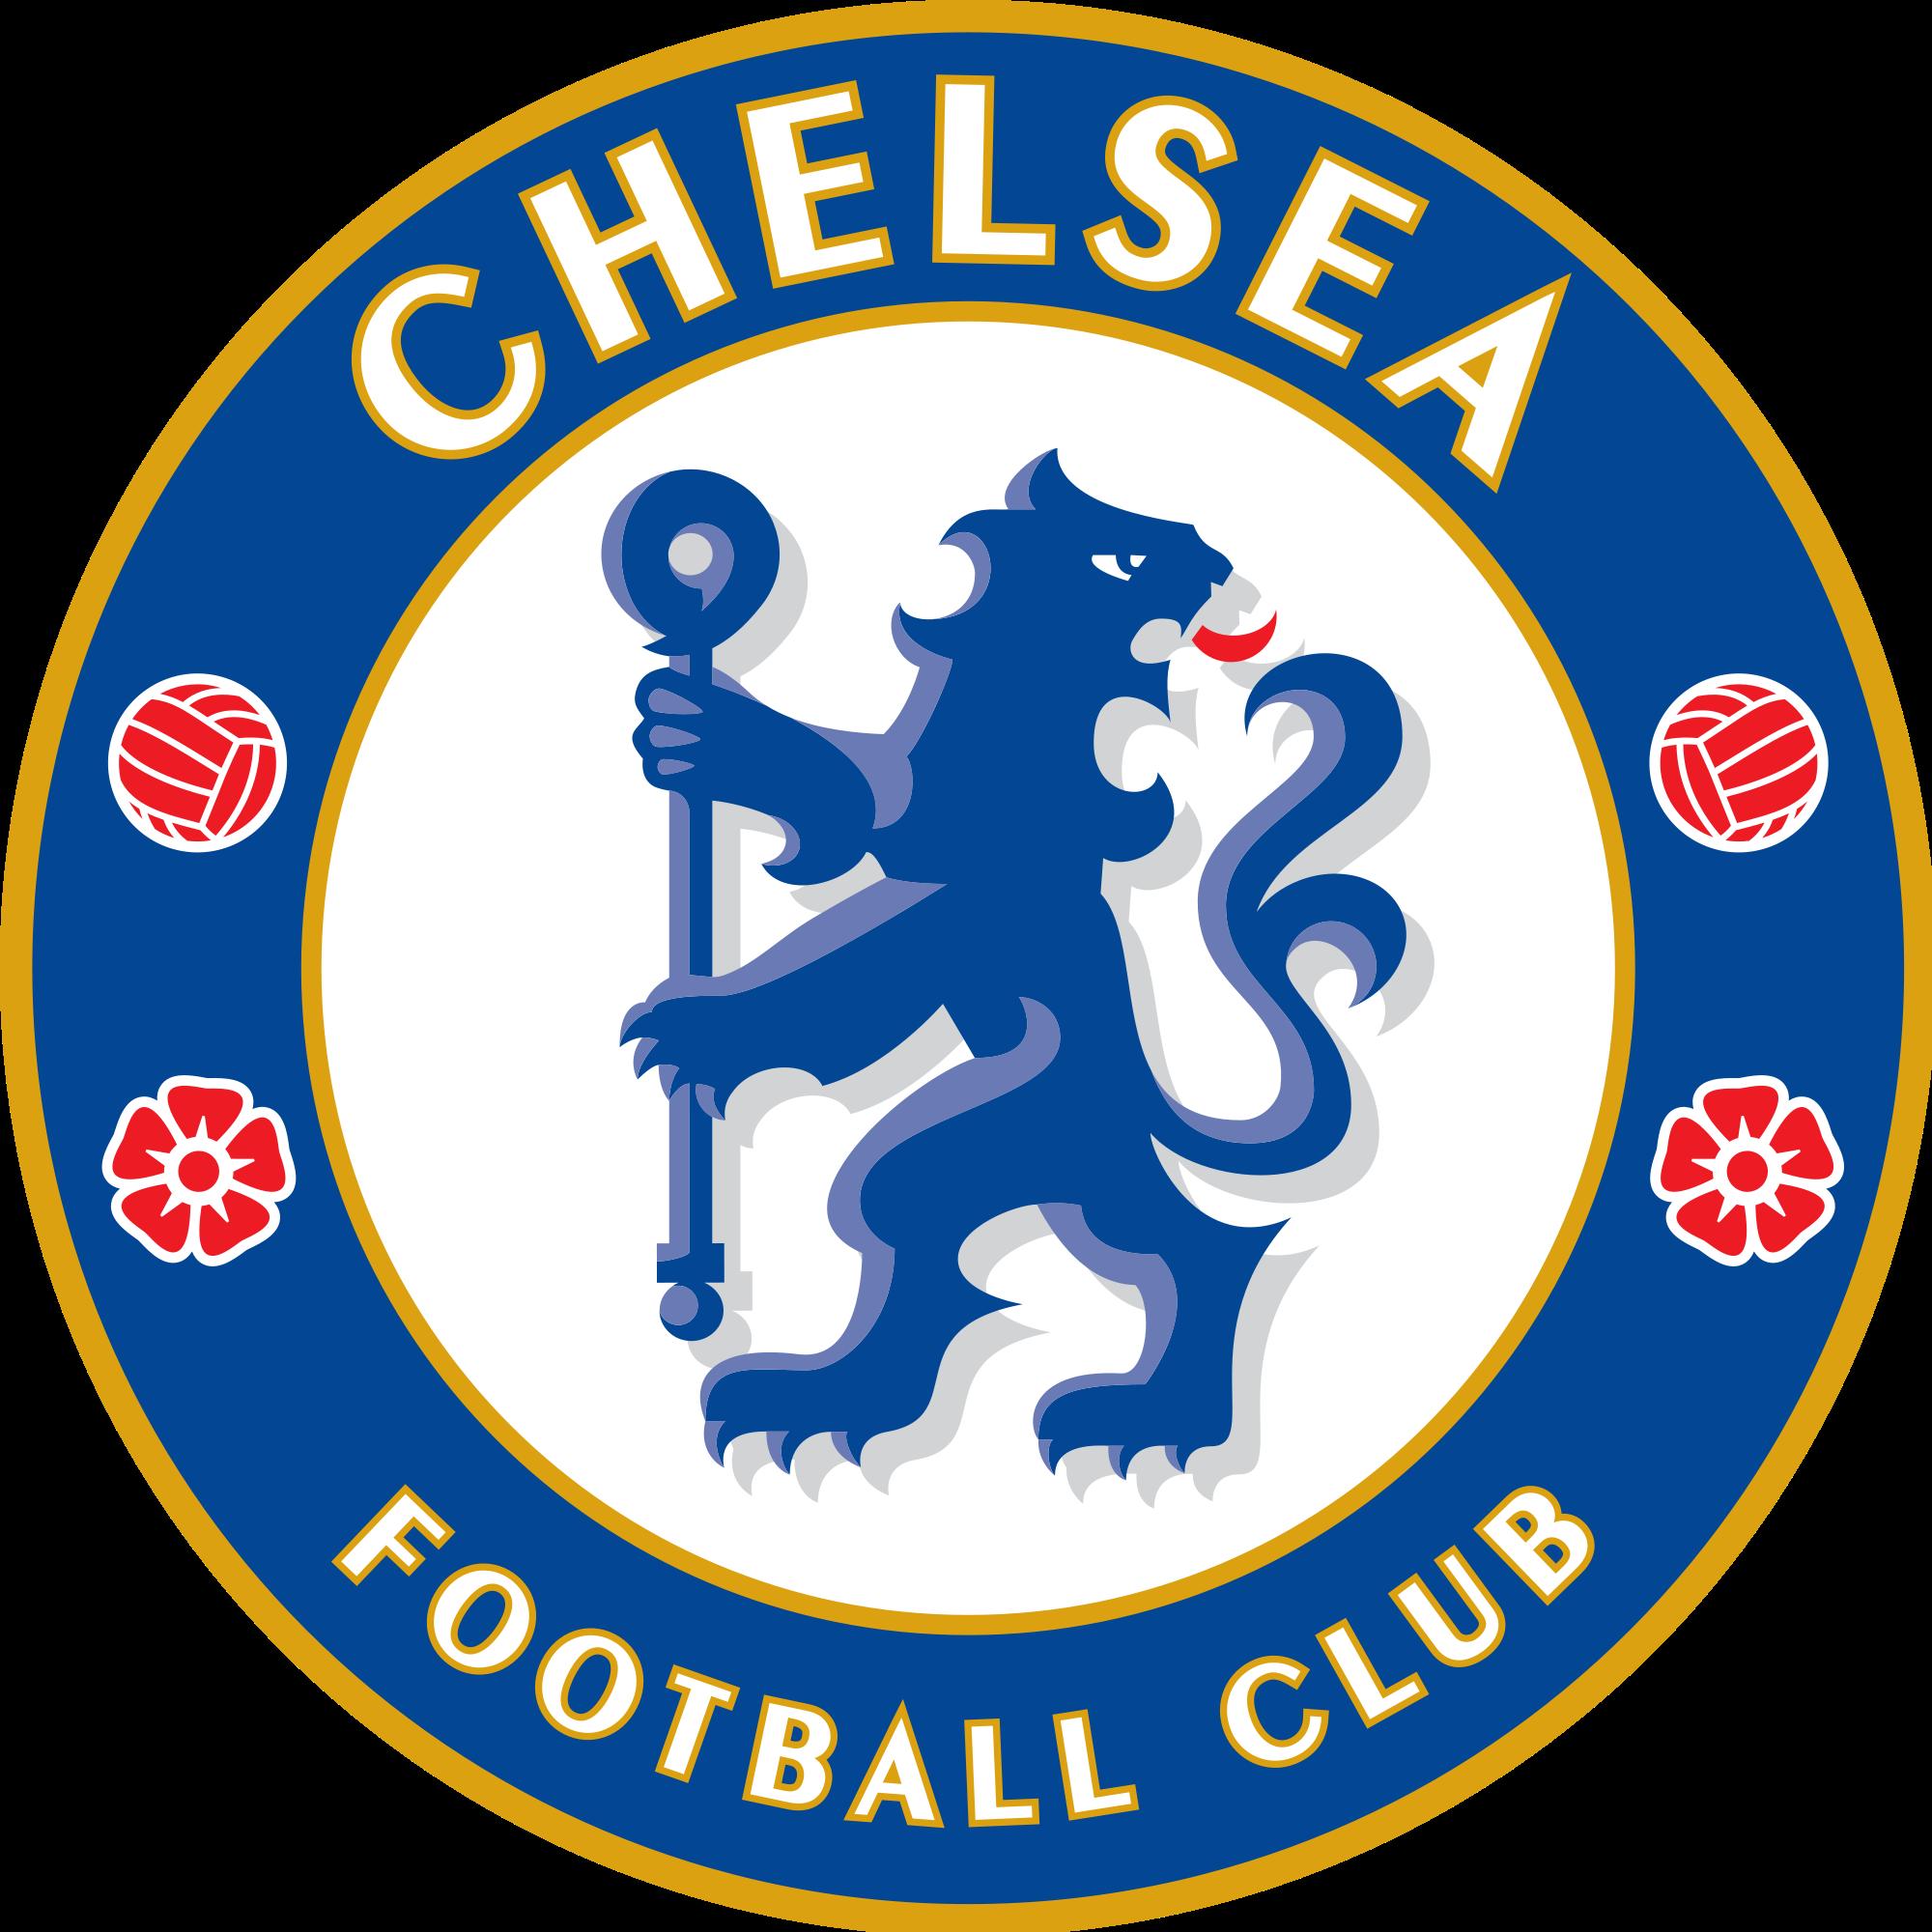 Челси футбол командасы